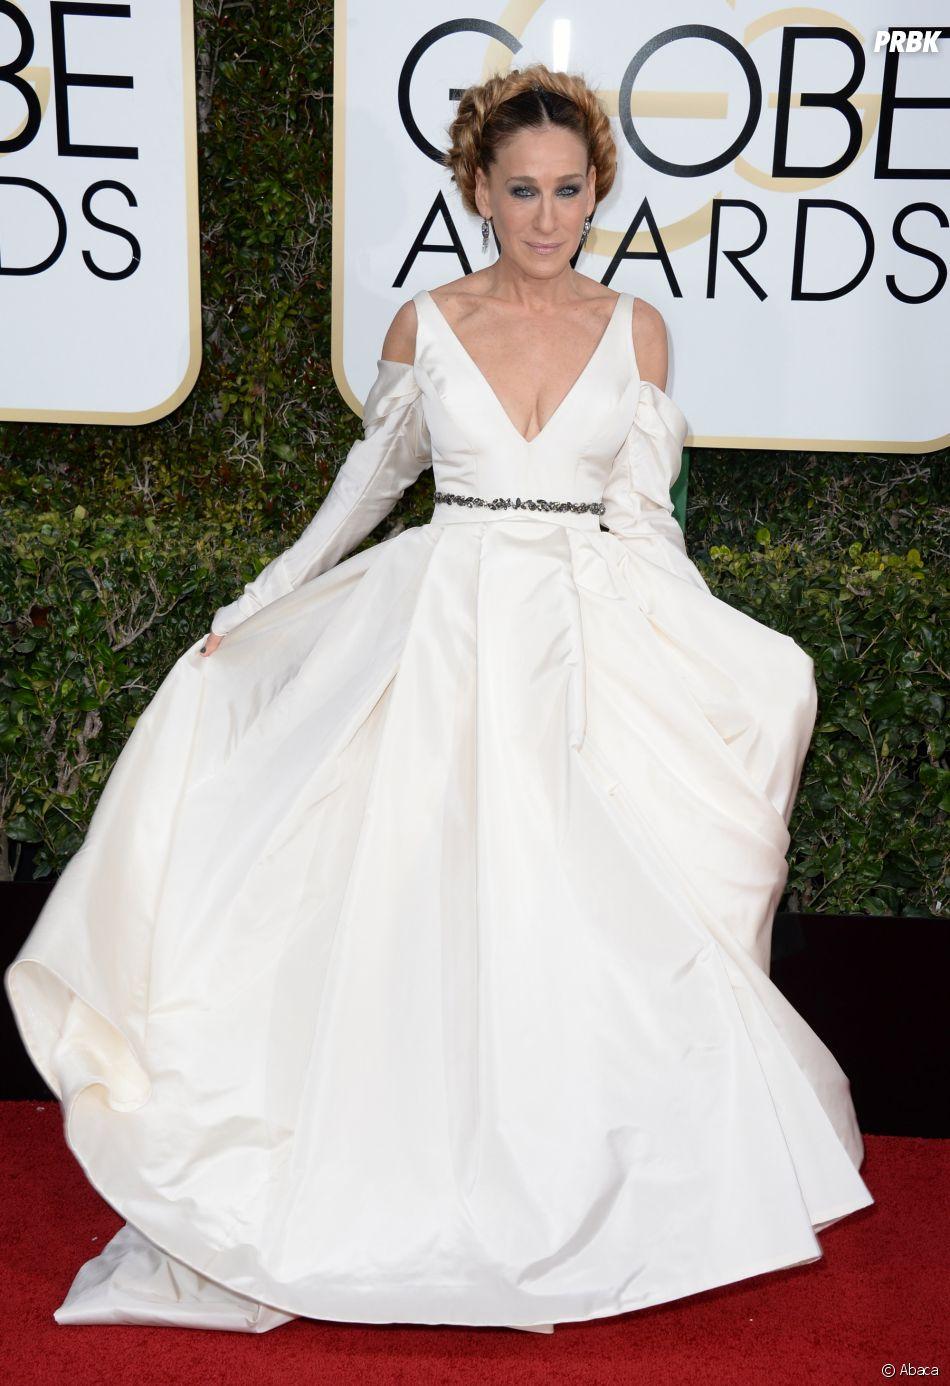 Sarah Jessica Parker sur le tapis-rouge des Golden Globes 2017 le 8 janvier à Los Angeles